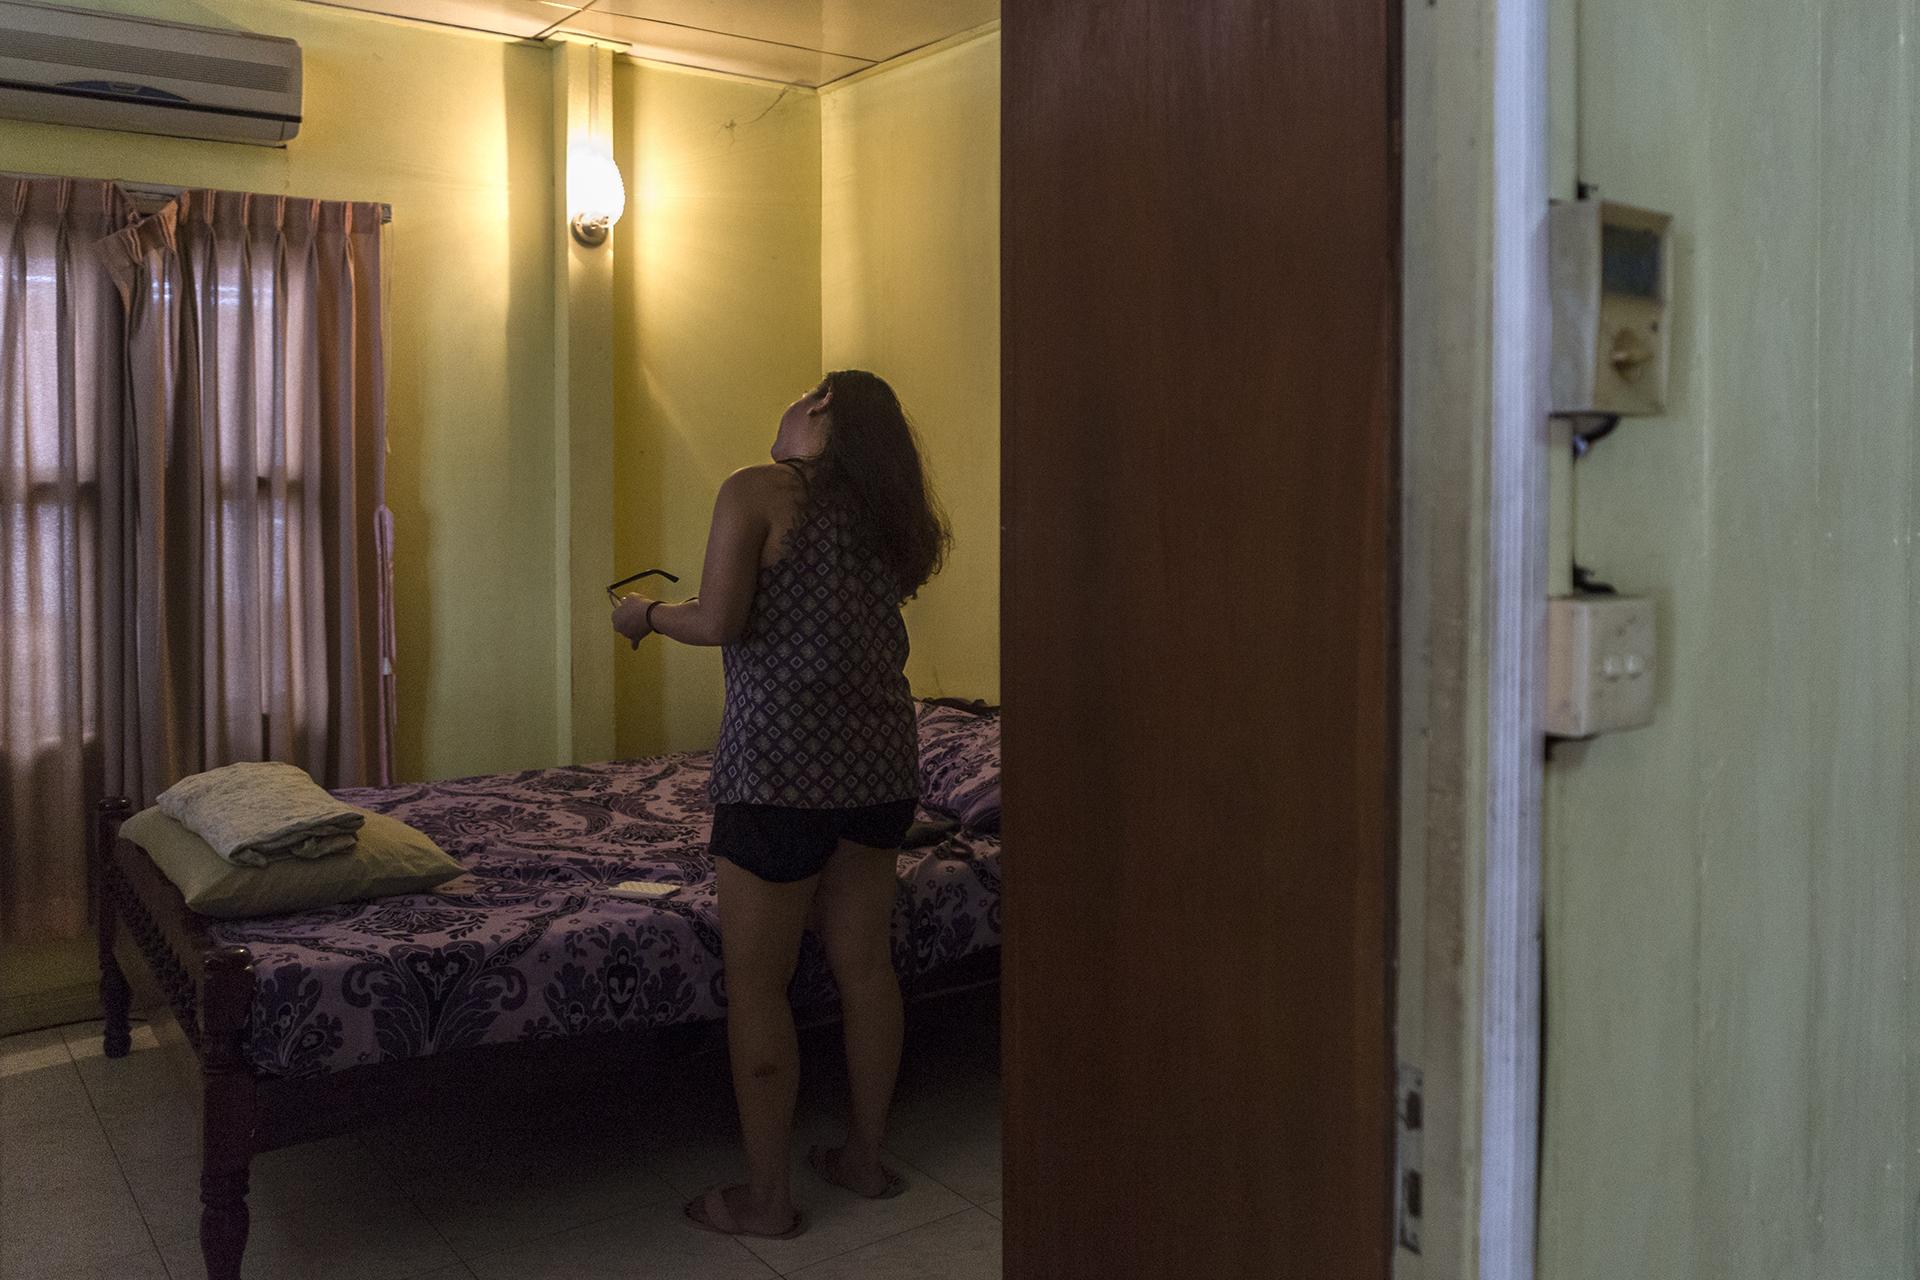 Juin 2016. Dans l'appartement de Sophéa à Phnom-Penh. Après un an dans le camp de réfugiés, Sophea et sa mère ont été envoyé aux Etats-Unis, en décembre 1983. Sophea n'a jamais su pourquoi le choix des Etats-Unis plutôt que la France, l'Australie ou encore le Canada. Cela semble avoir été décidé dans le programme des réfugiés. Elle se rappelle être arrivée à Washington, puis sa mère et elle sont allées au Texas durant 4 ans environ. Sa mère, qui travaillait dans une fabrique de jean, y a rencontré son nouveau conjoint avec qui elle  a eu un 2ème enfant. En 1988, elles sont allées à Fresno puis ont déménagé  à Long Beach en Californie pour vivre en famille.